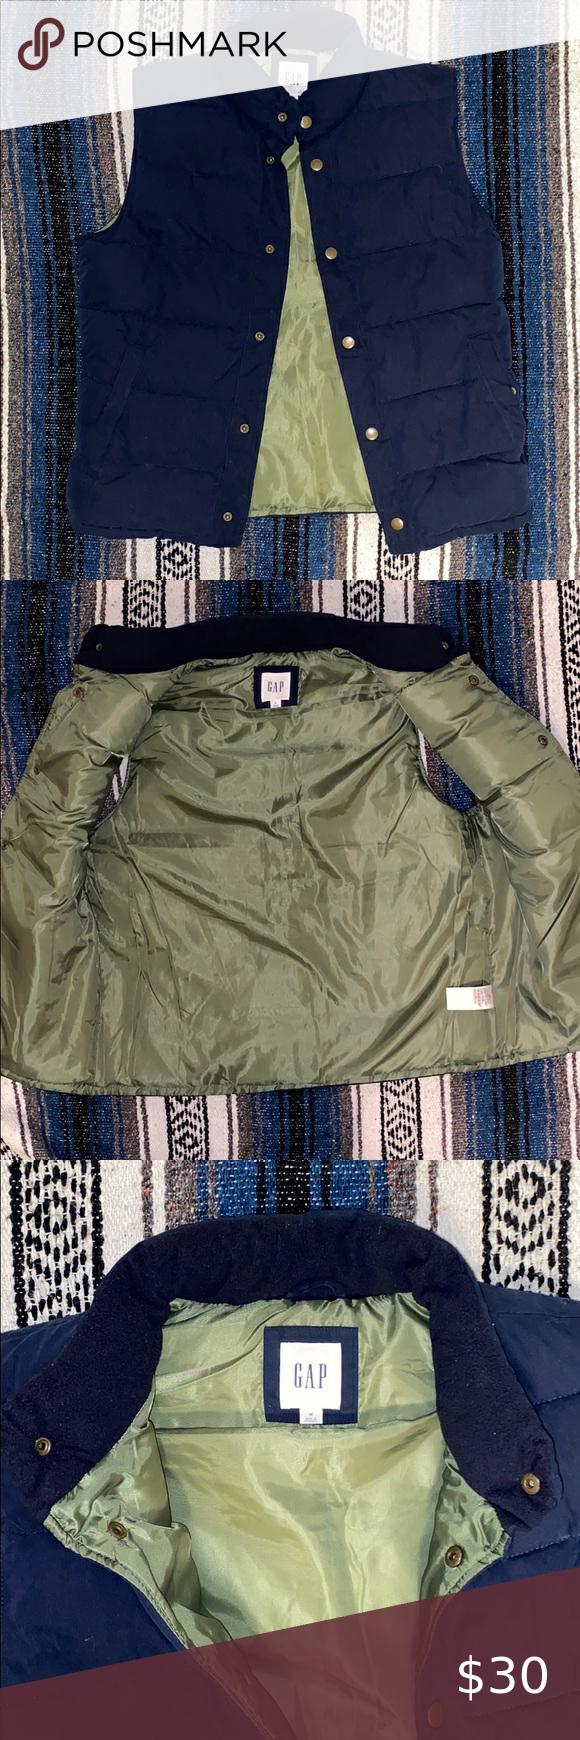 Men S Gap Puffer Vest M In 2020 Sleeveless Puffer Black Puffer Vest Reversible Puffer Vest [ 1740 x 580 Pixel ]